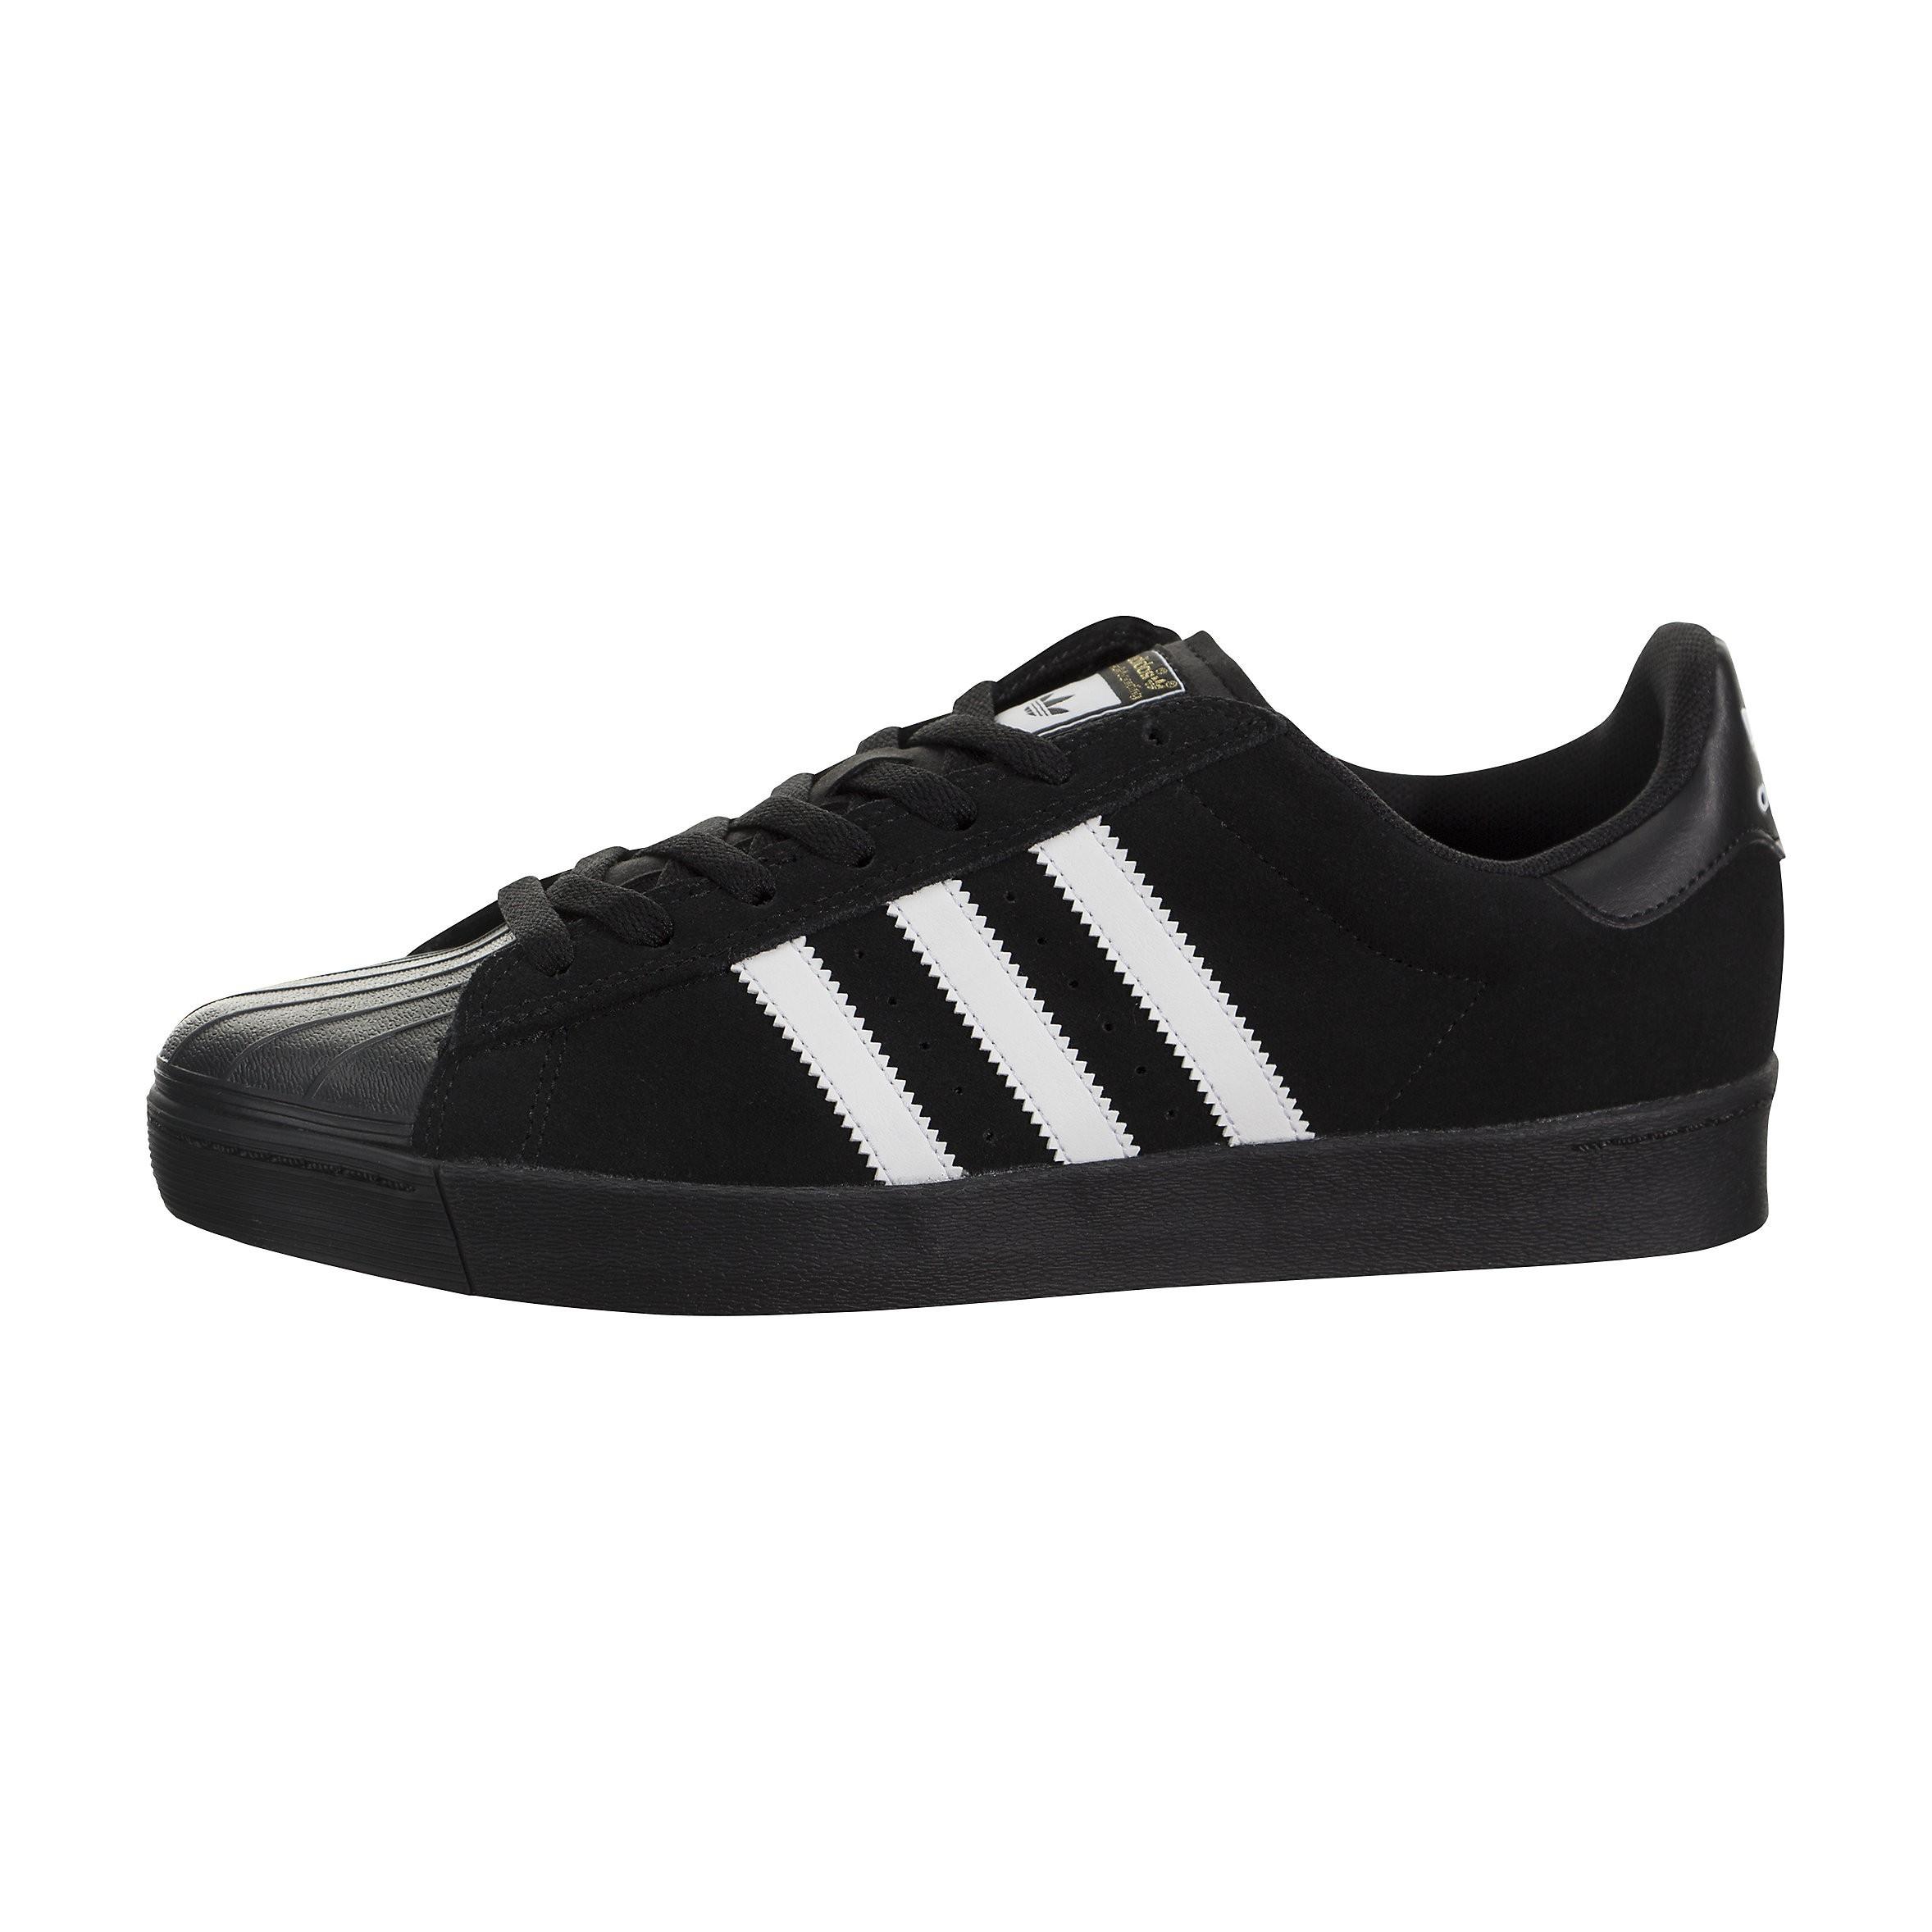 Adidas Hombre Superstar Vulc ADV Negras/Blancas-Negras AQ6861